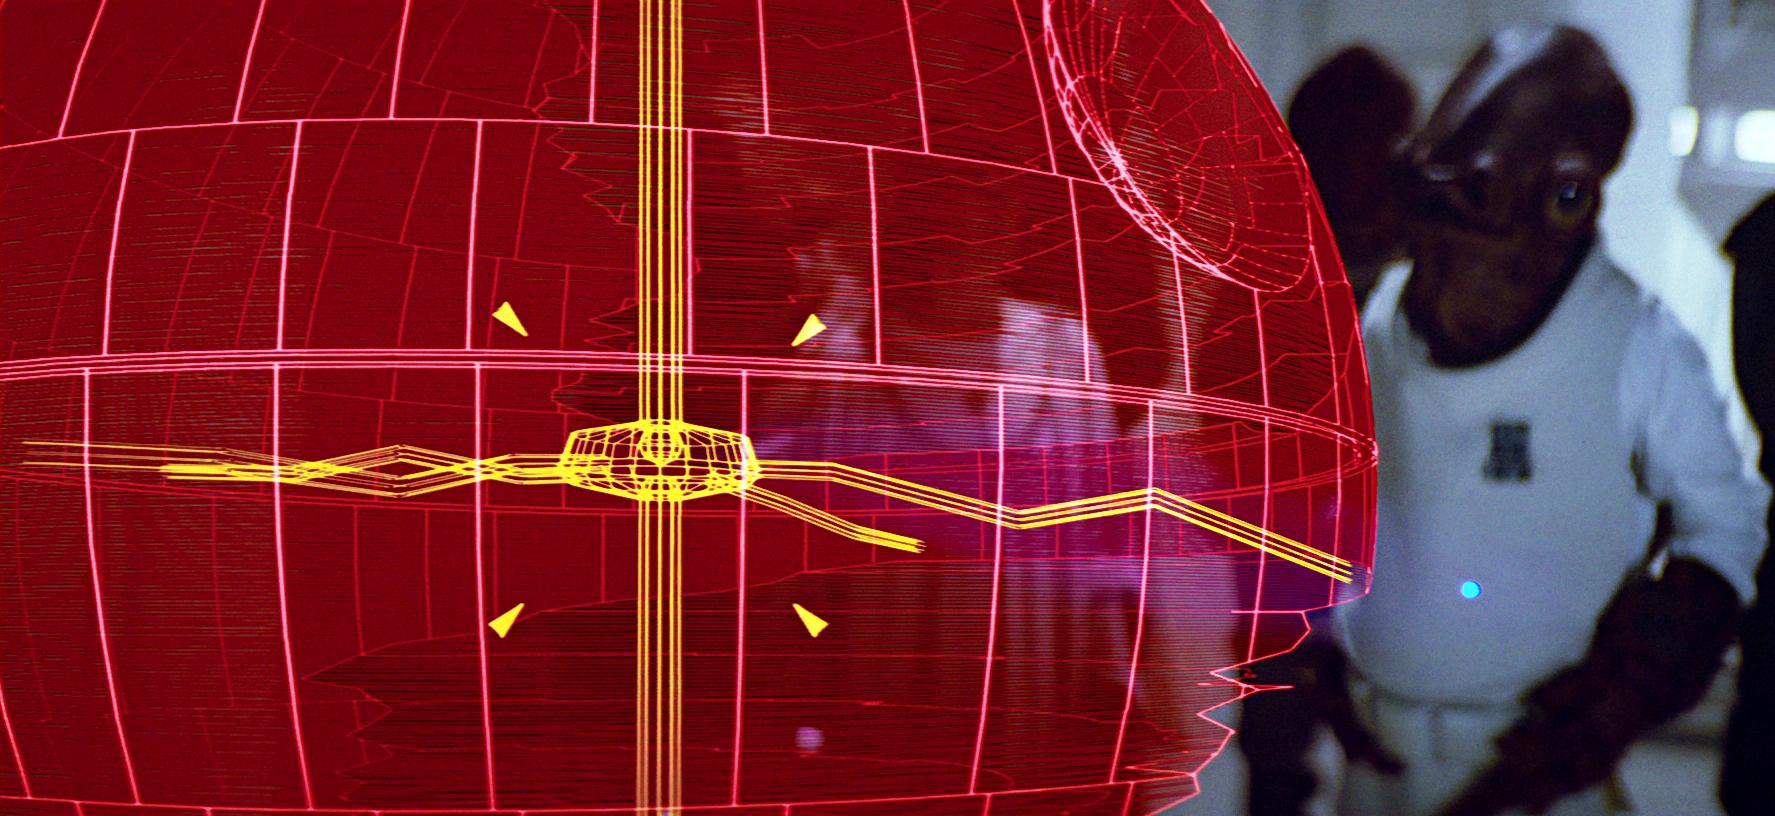 Death Star II Plans